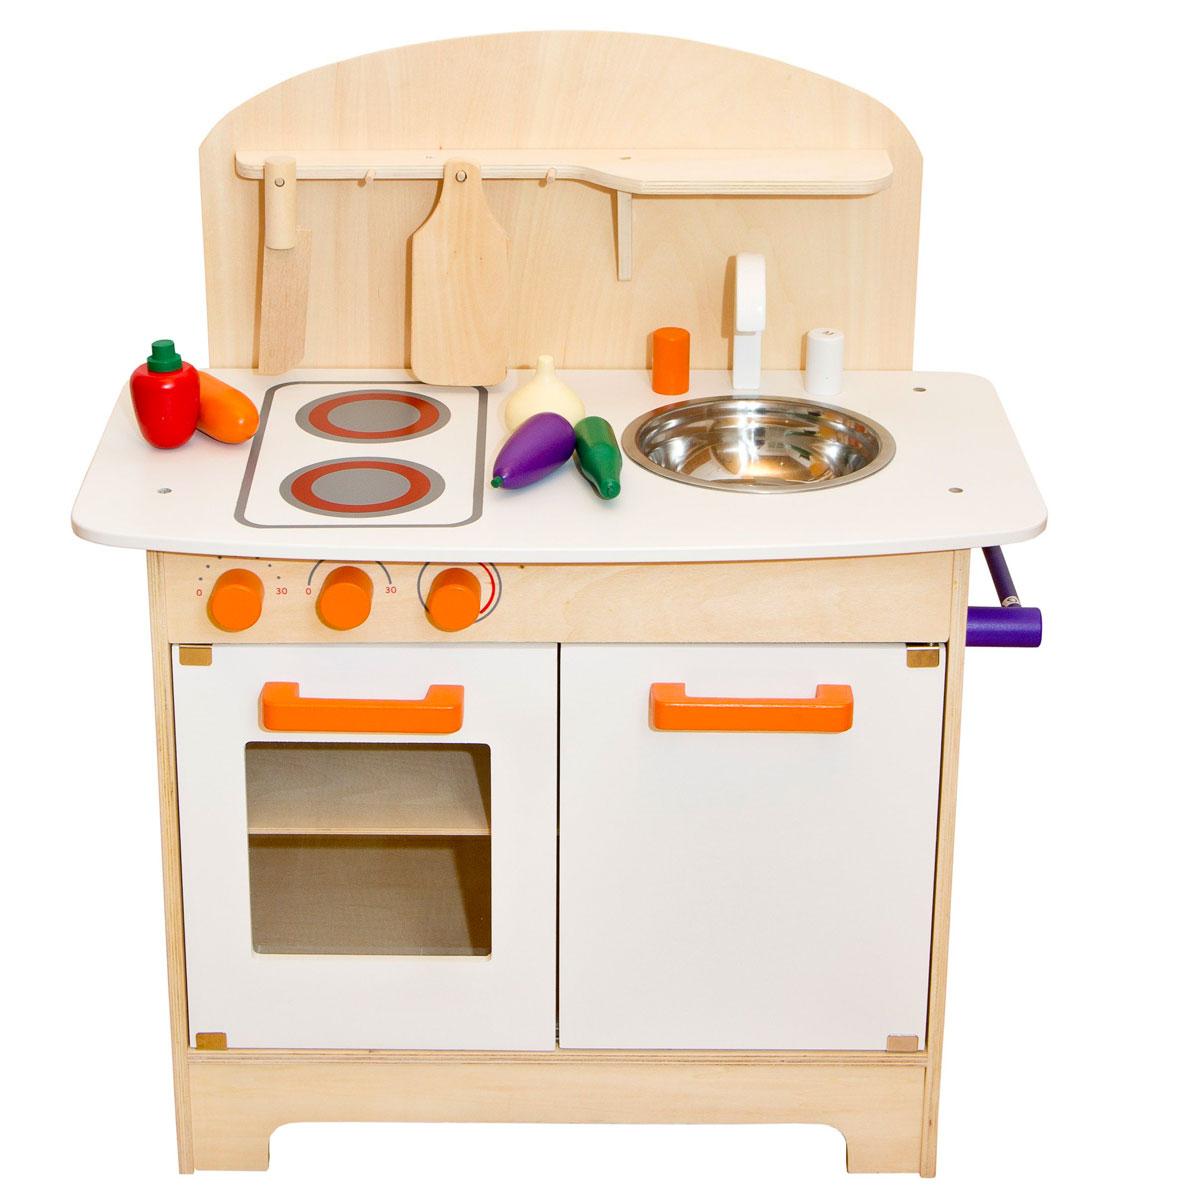 Glow2B Kinderküche aus Holz, weiss inklusive Zubehör